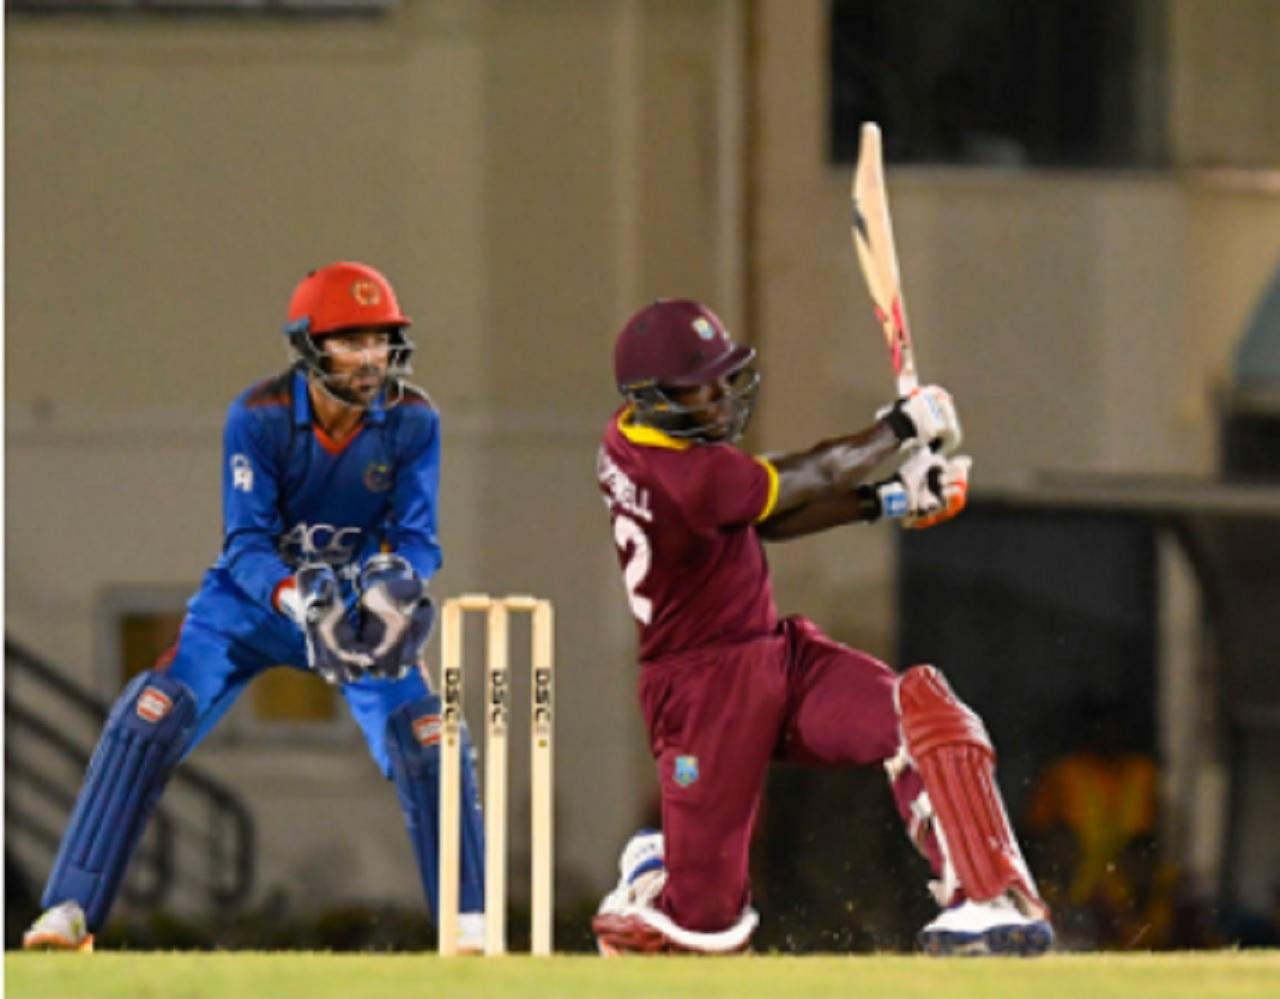 West Indies Cricket Team Has New Kit Supplier Loop News